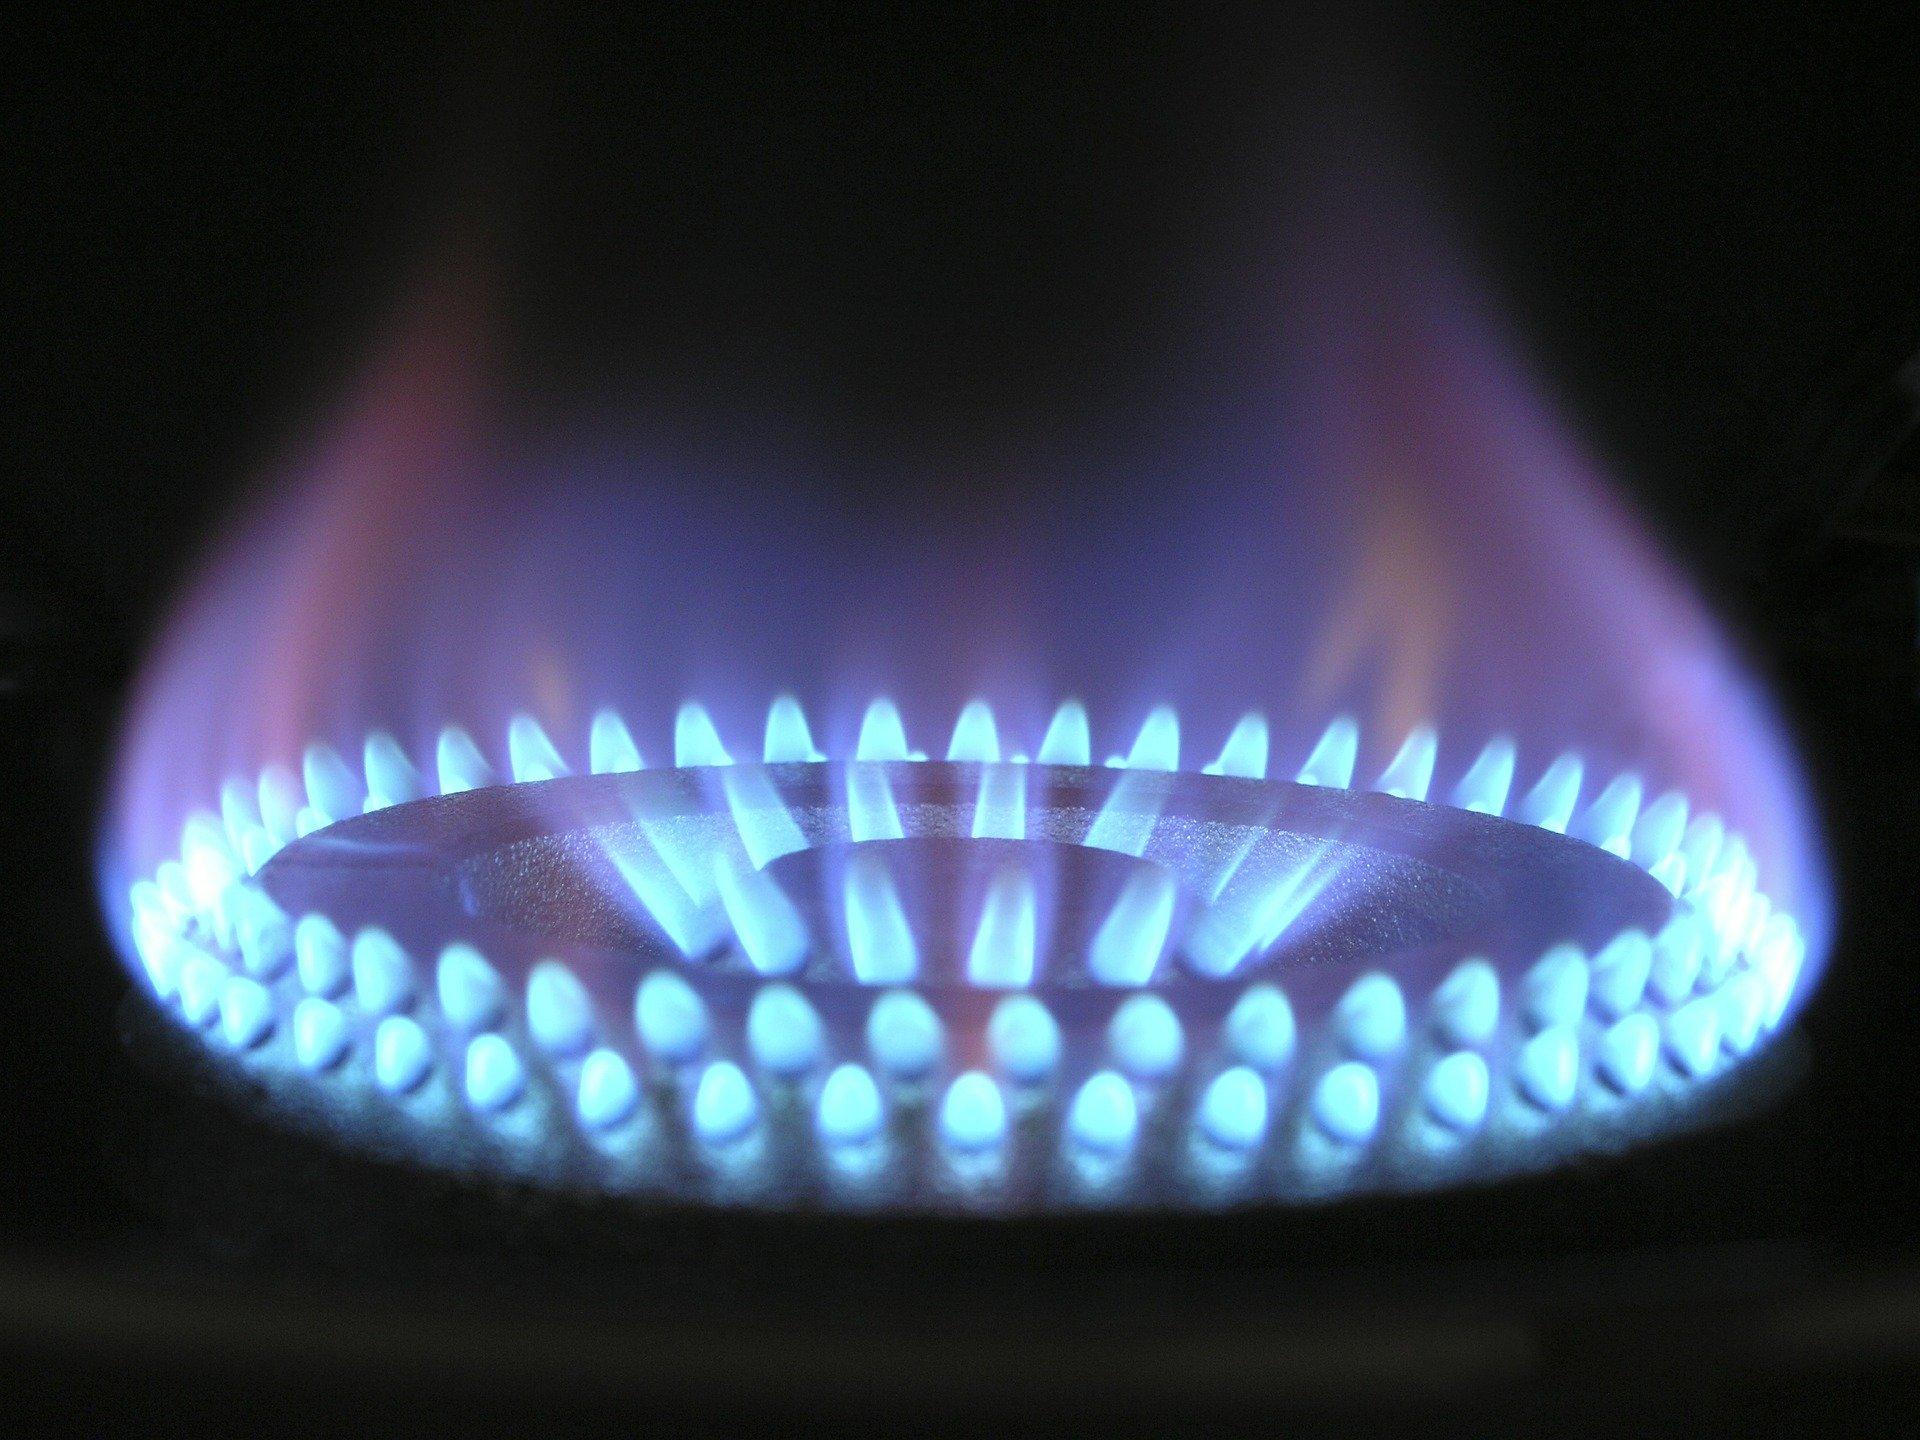 Distacco fornitura gas per morosità: tutto ciò che c'è da sapere